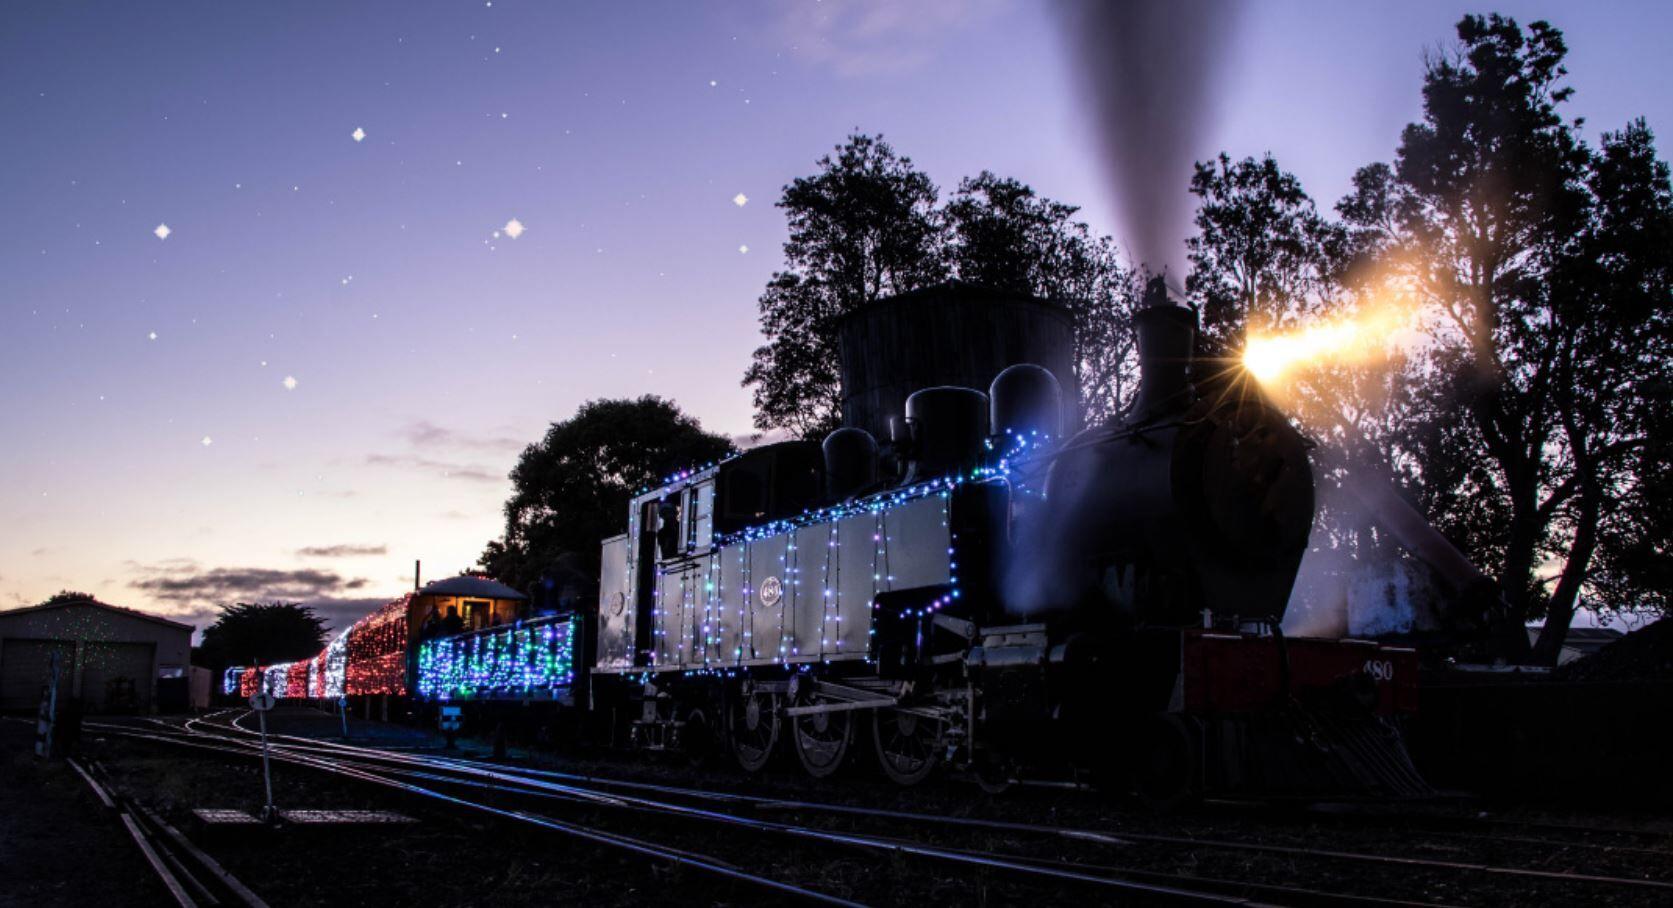 GVR-Matariki-Lights-Steam-Train